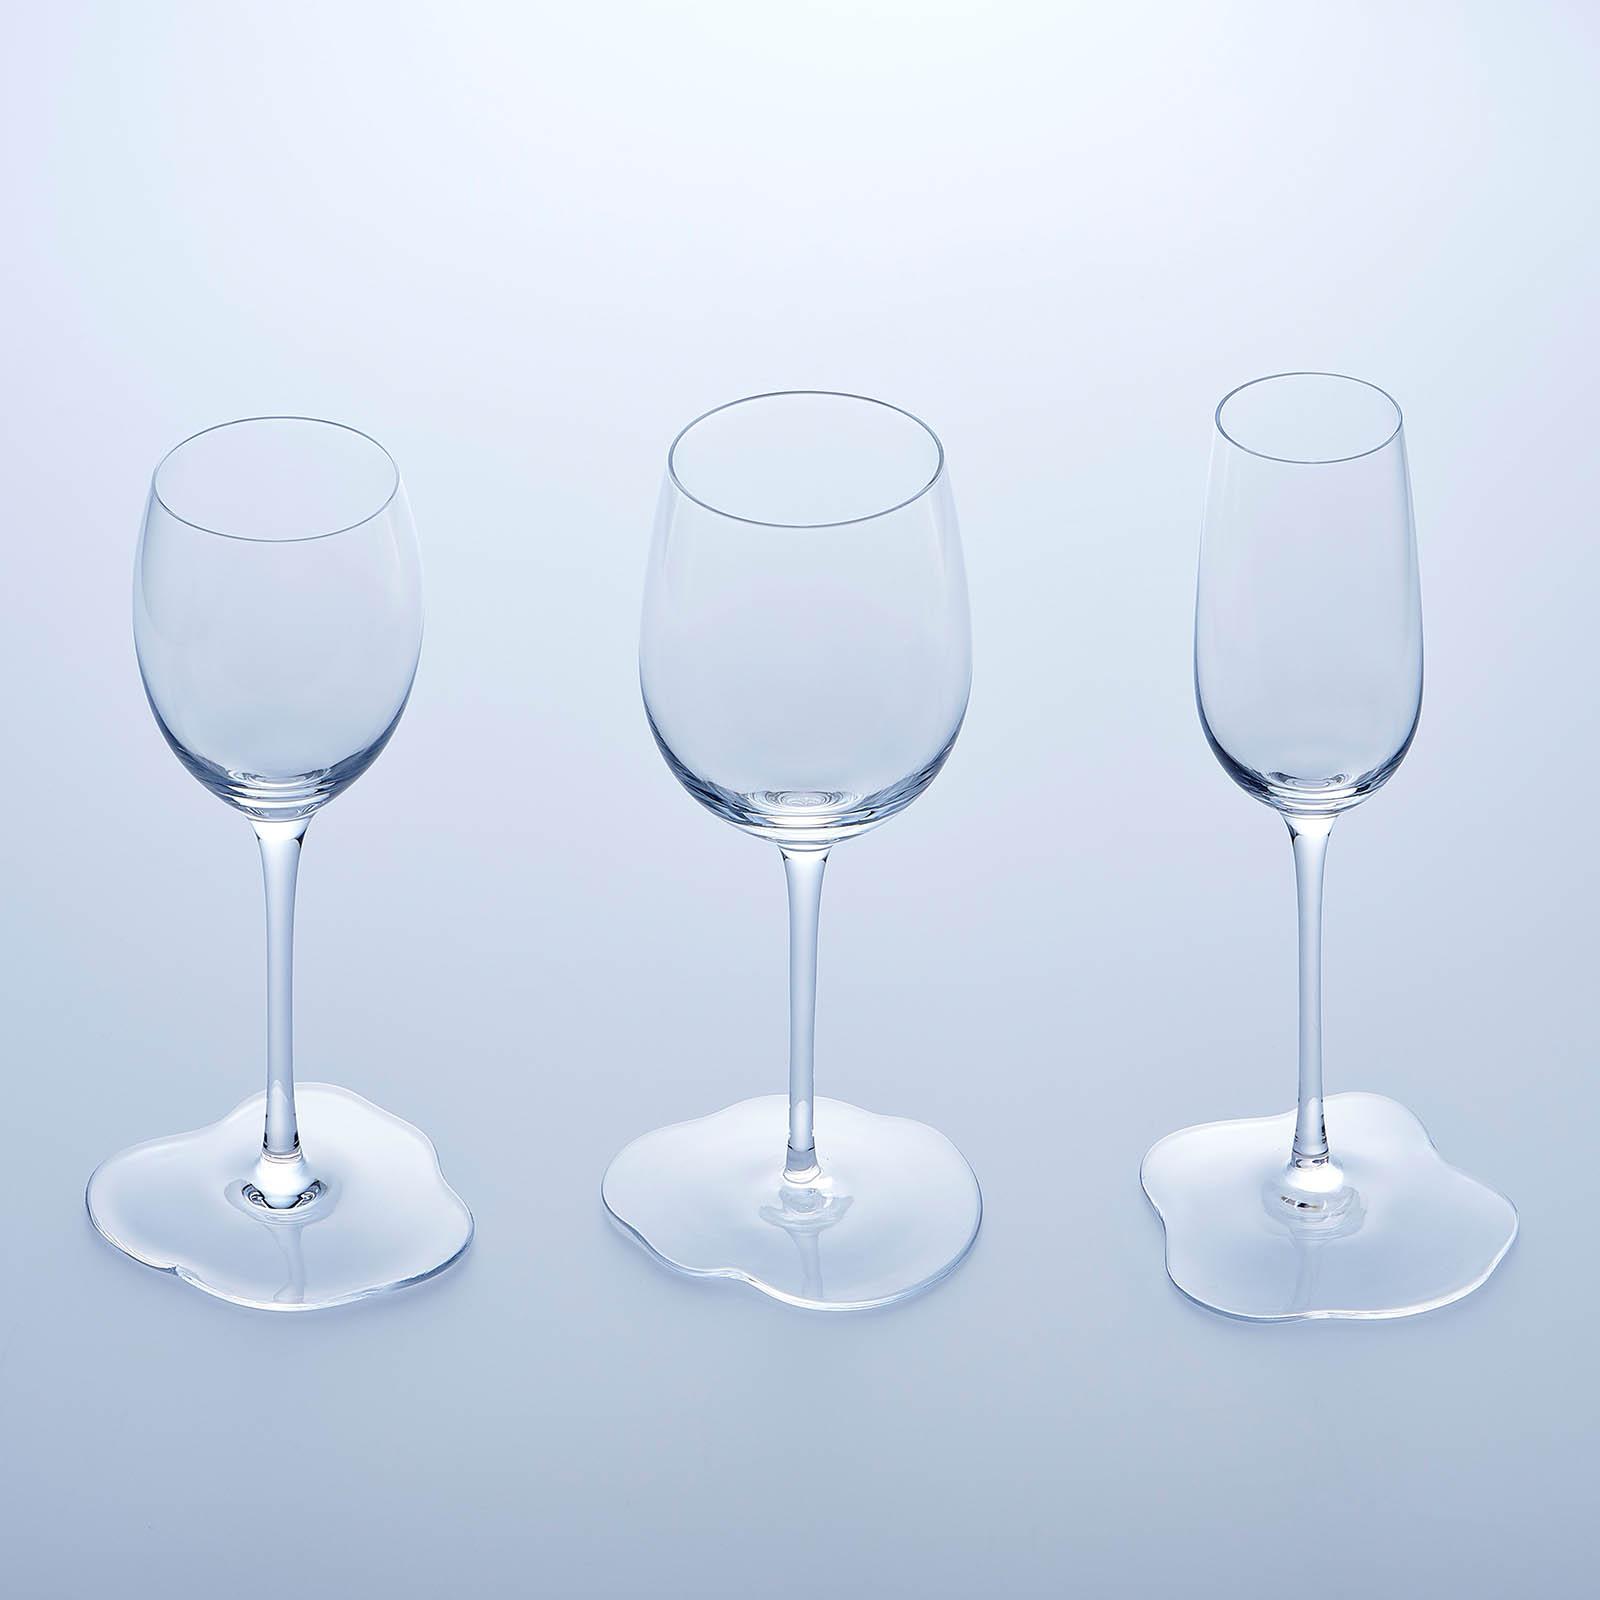 フェノム:ミズモレグラス シャンパン